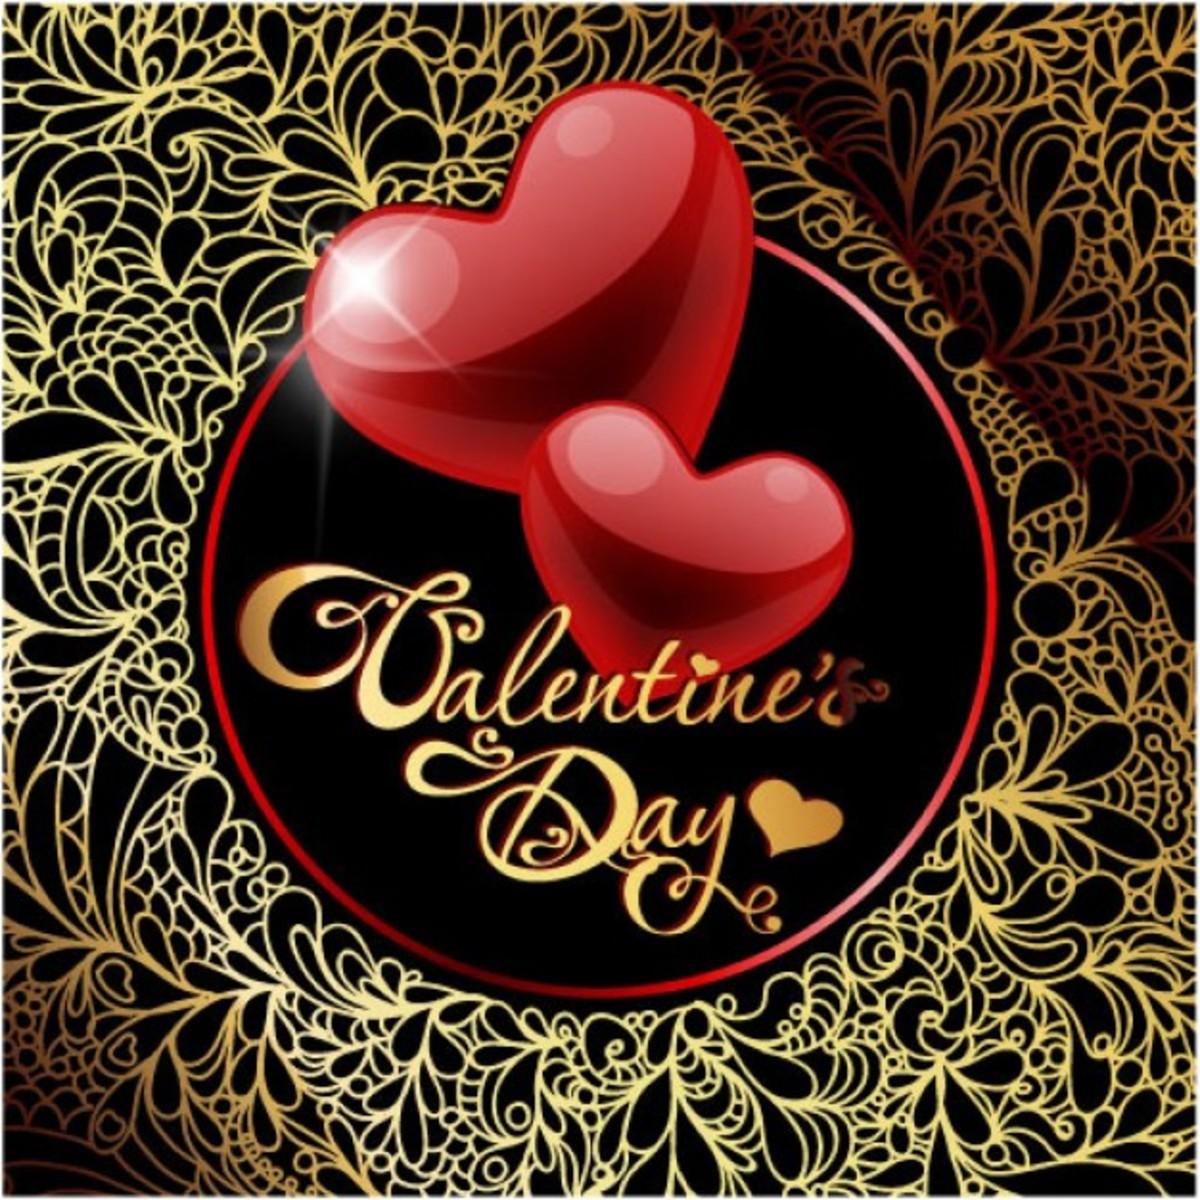 Classy Valentine's Day Picture